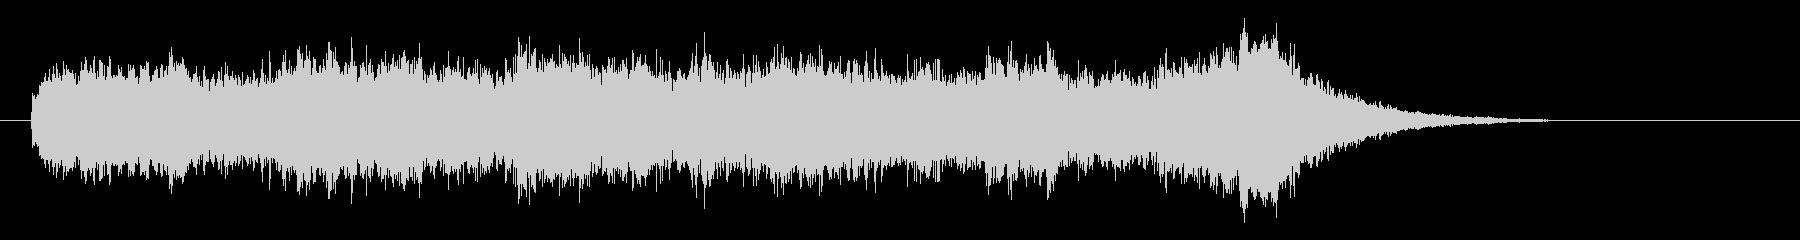 ピアノとコーラス音が混ざり合うバラードの未再生の波形